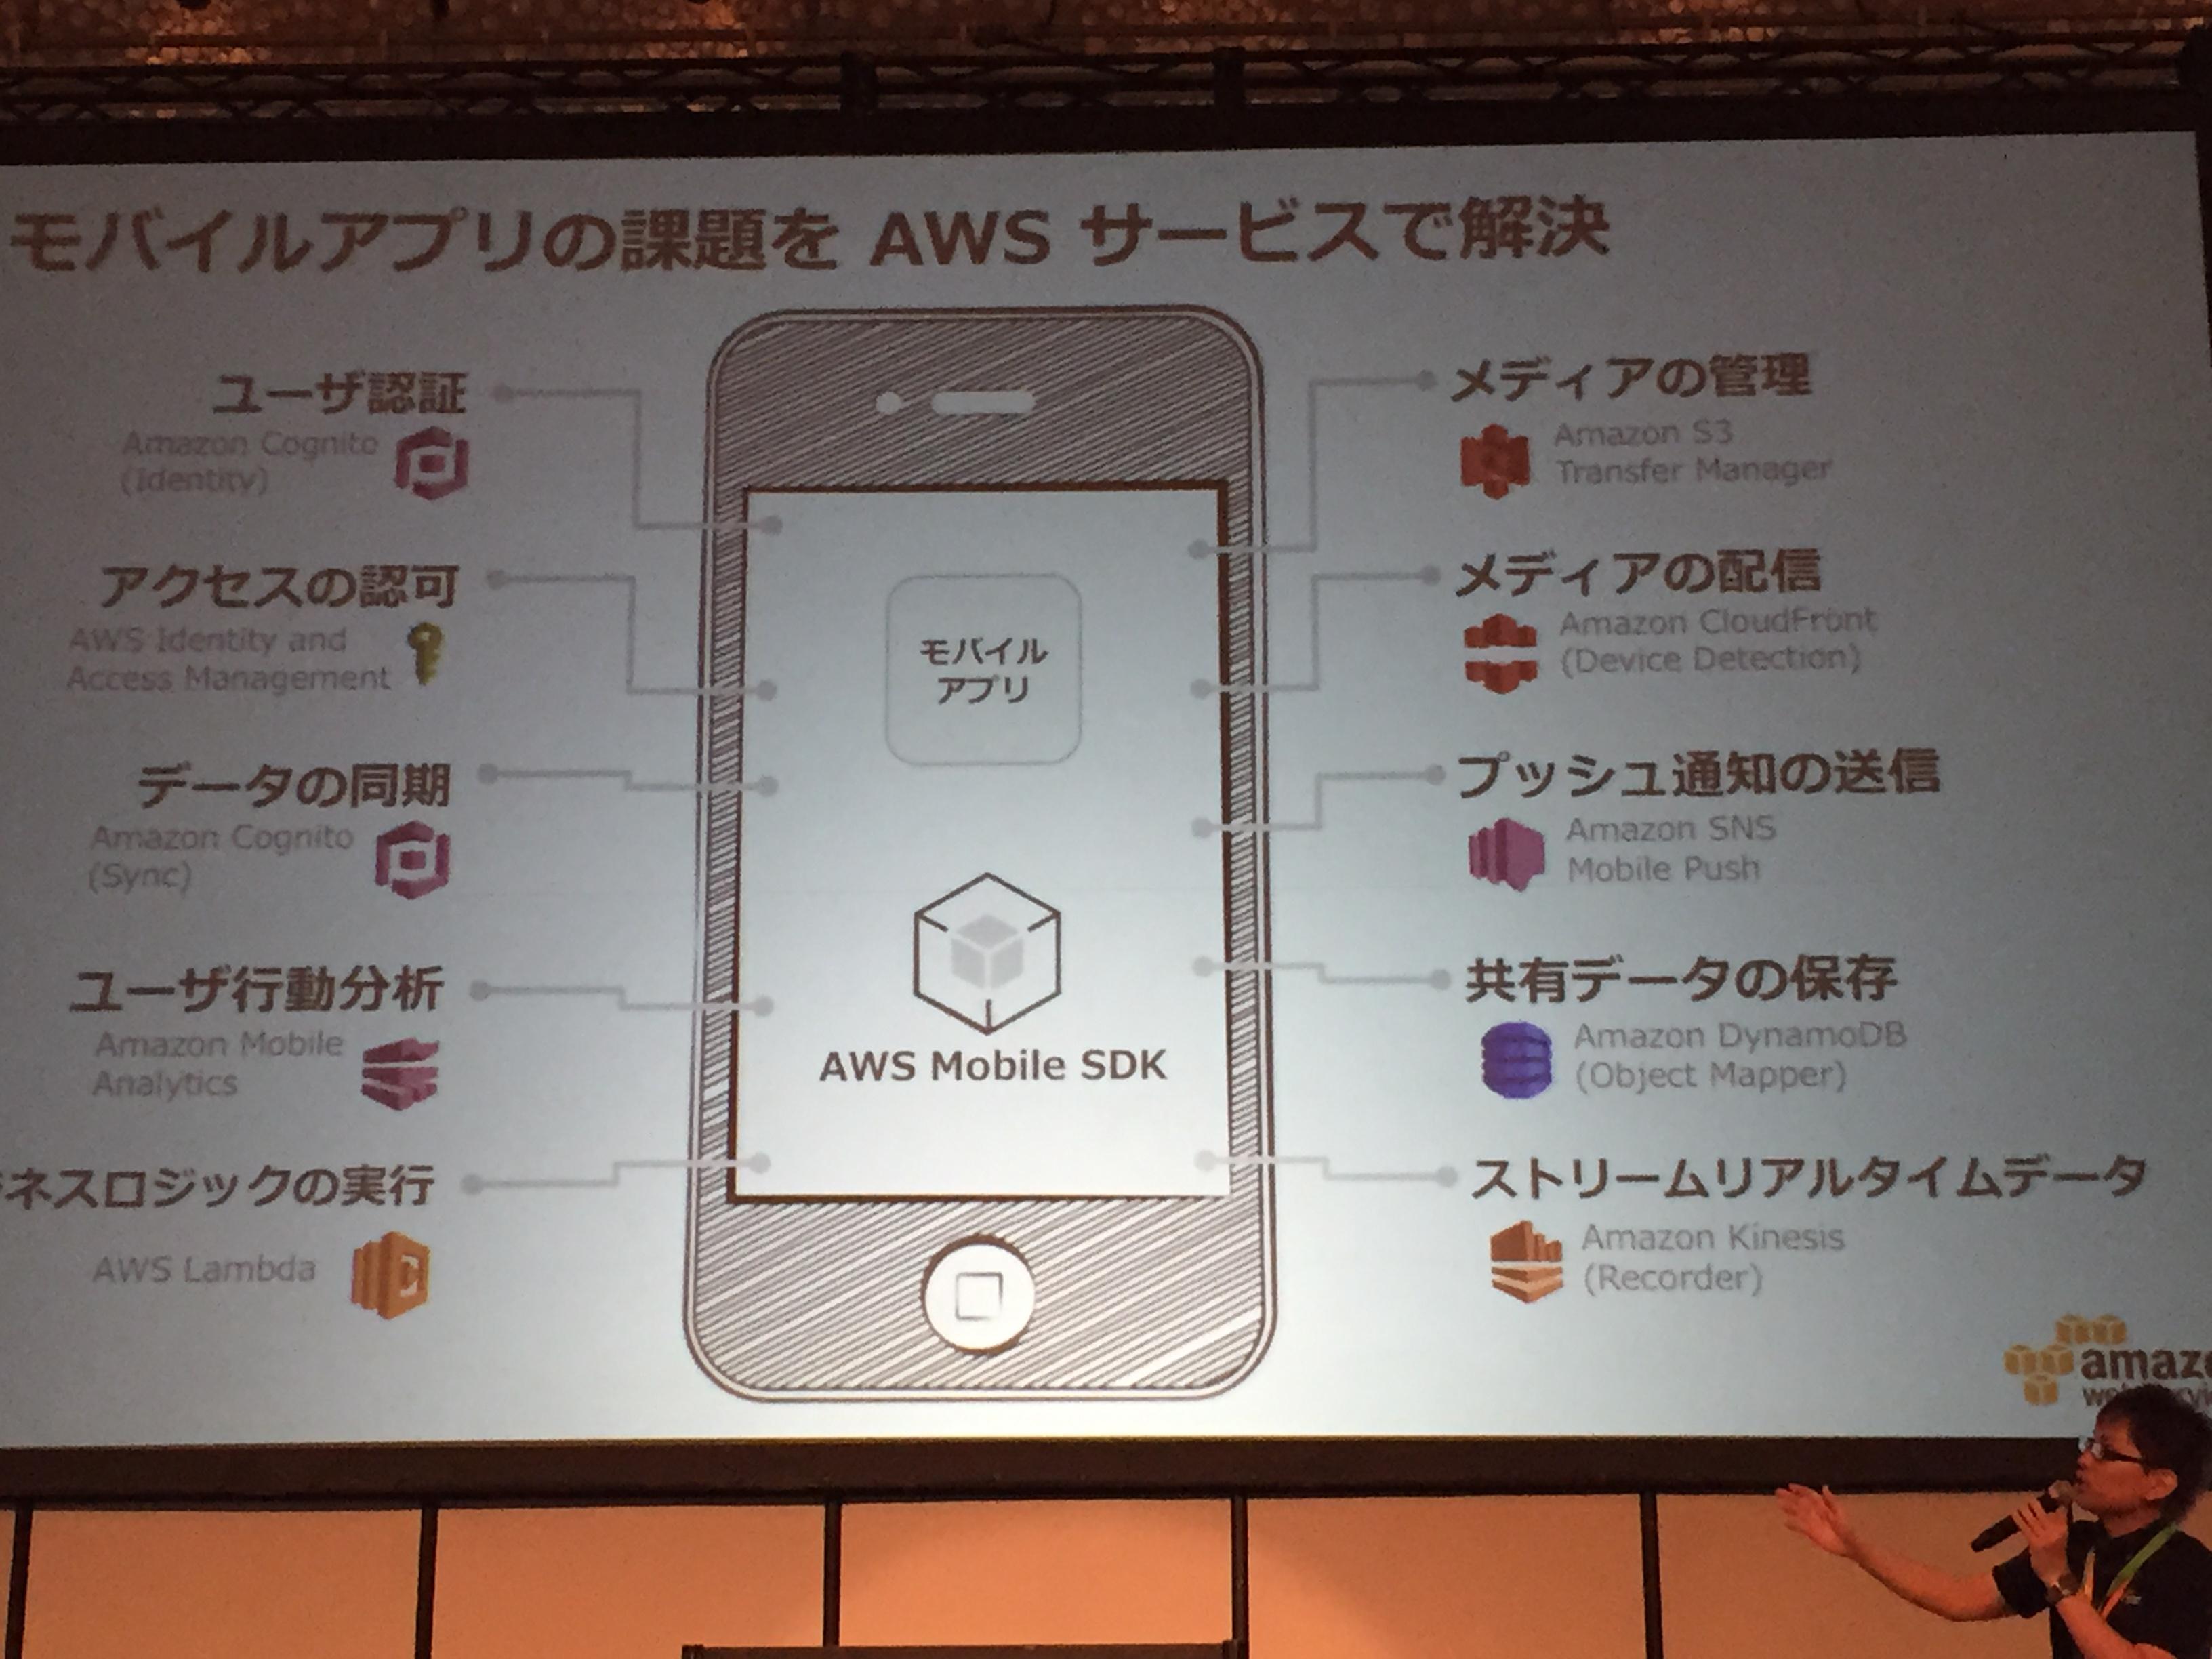 aws_mobile_services